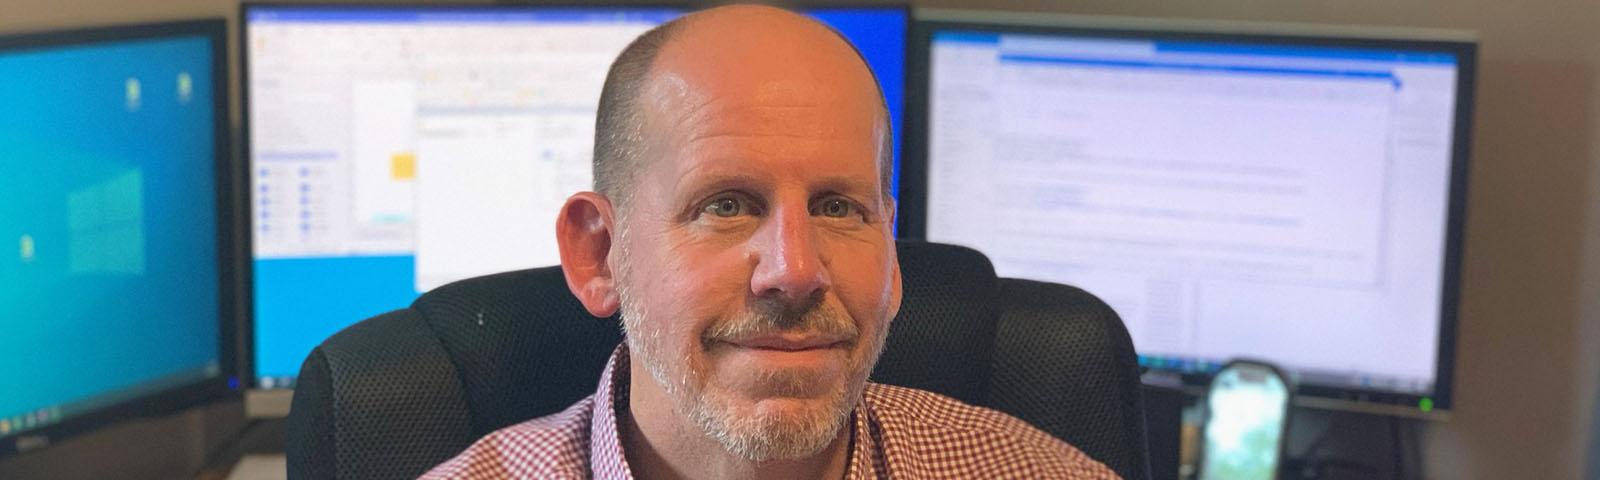 #TechThursday<br><b>Meet Ray, Applications Development Manager</b>